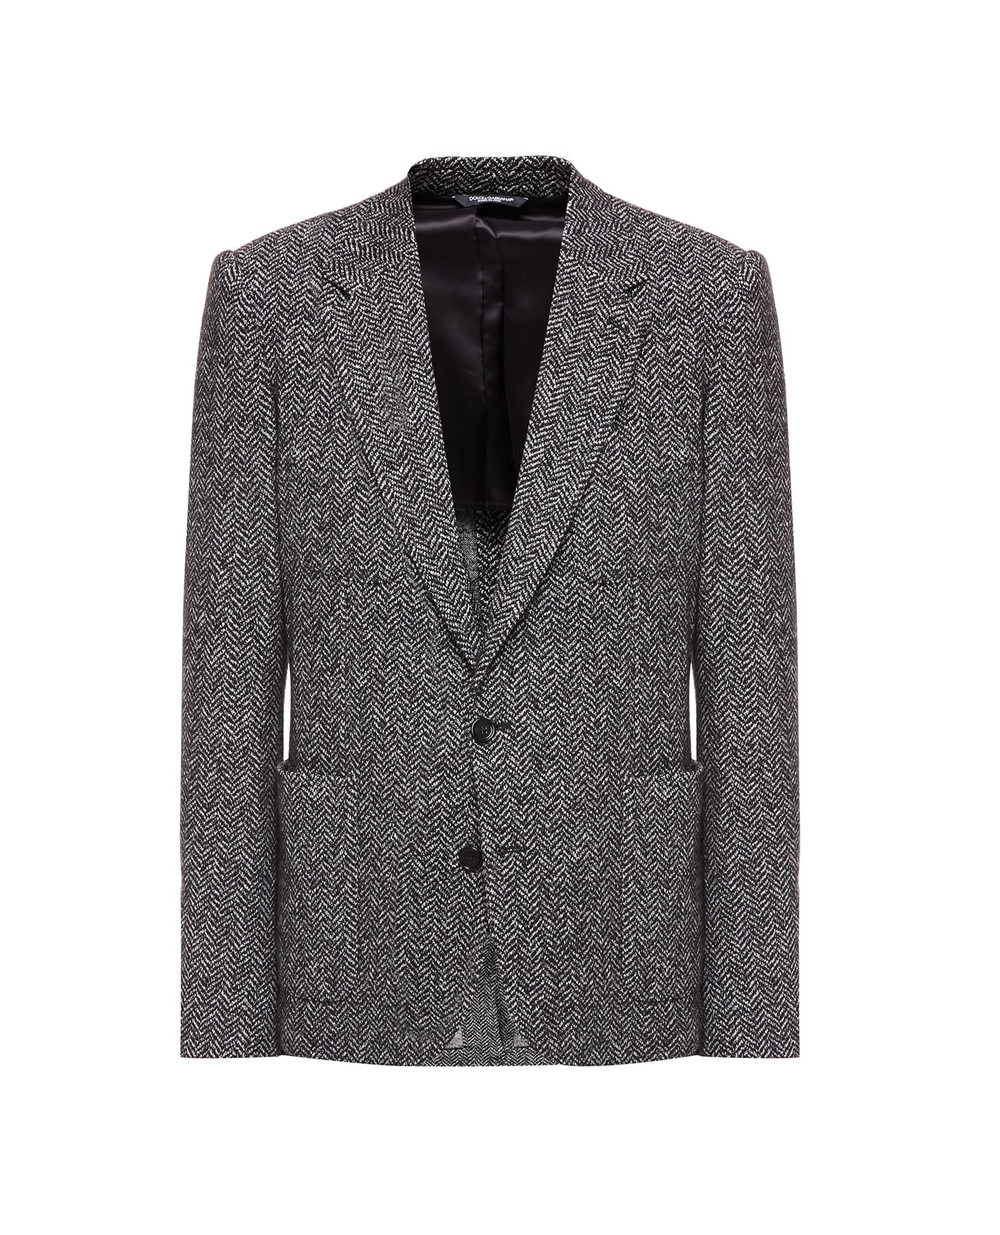 Шерстяной пиджак Dolce&Gabbana G2OW7T-FC7AR — Kameron